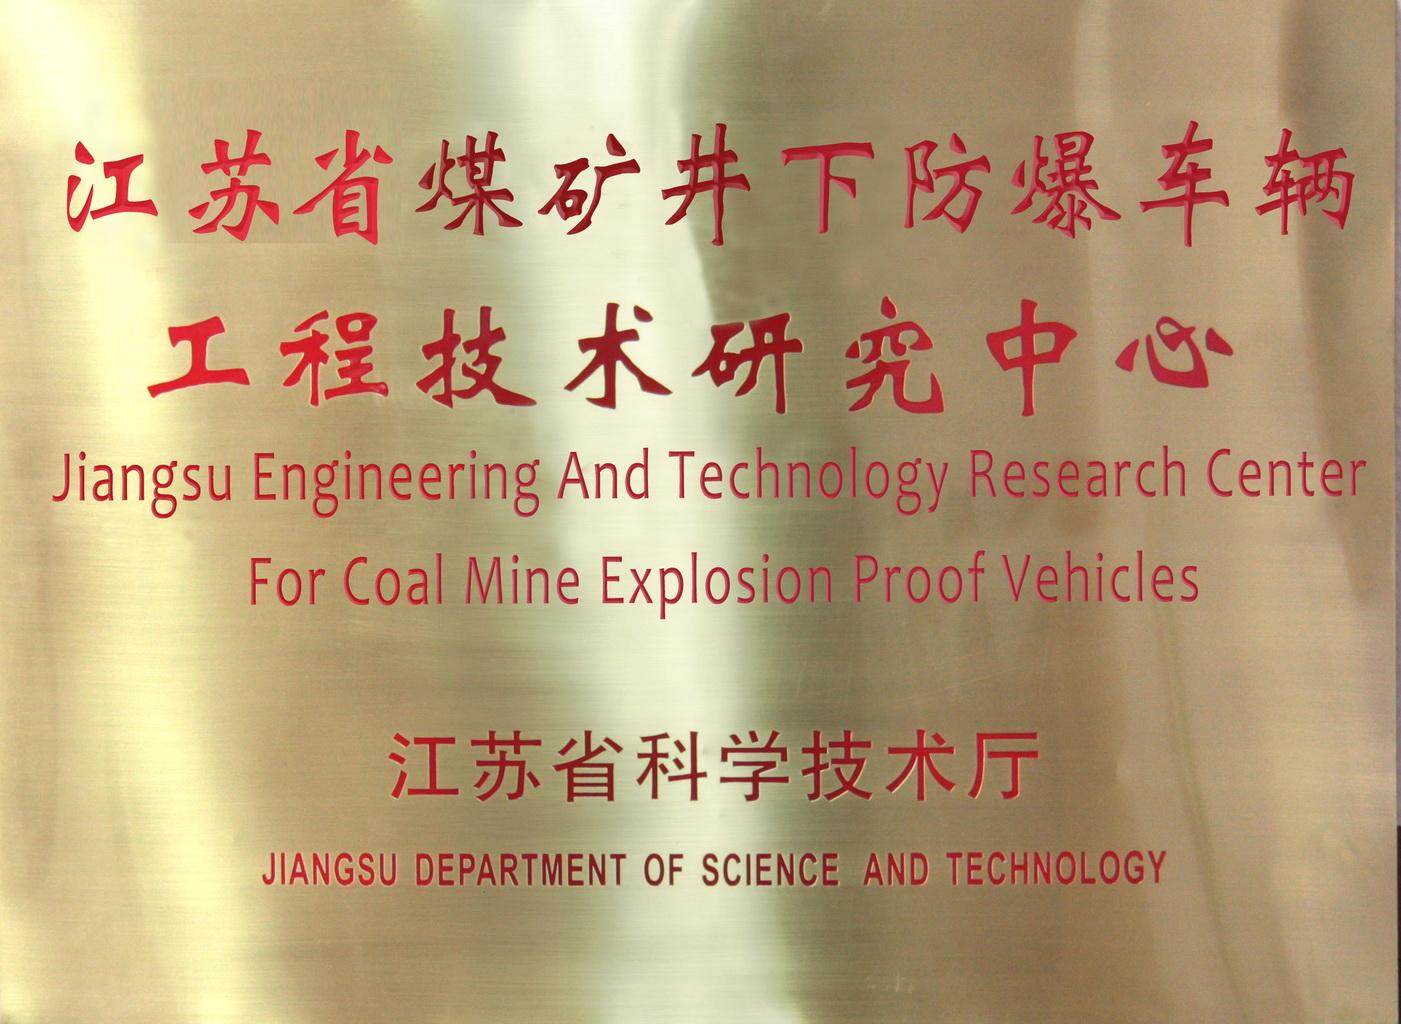 省工程技術研究中心銅牌副本_調整大小